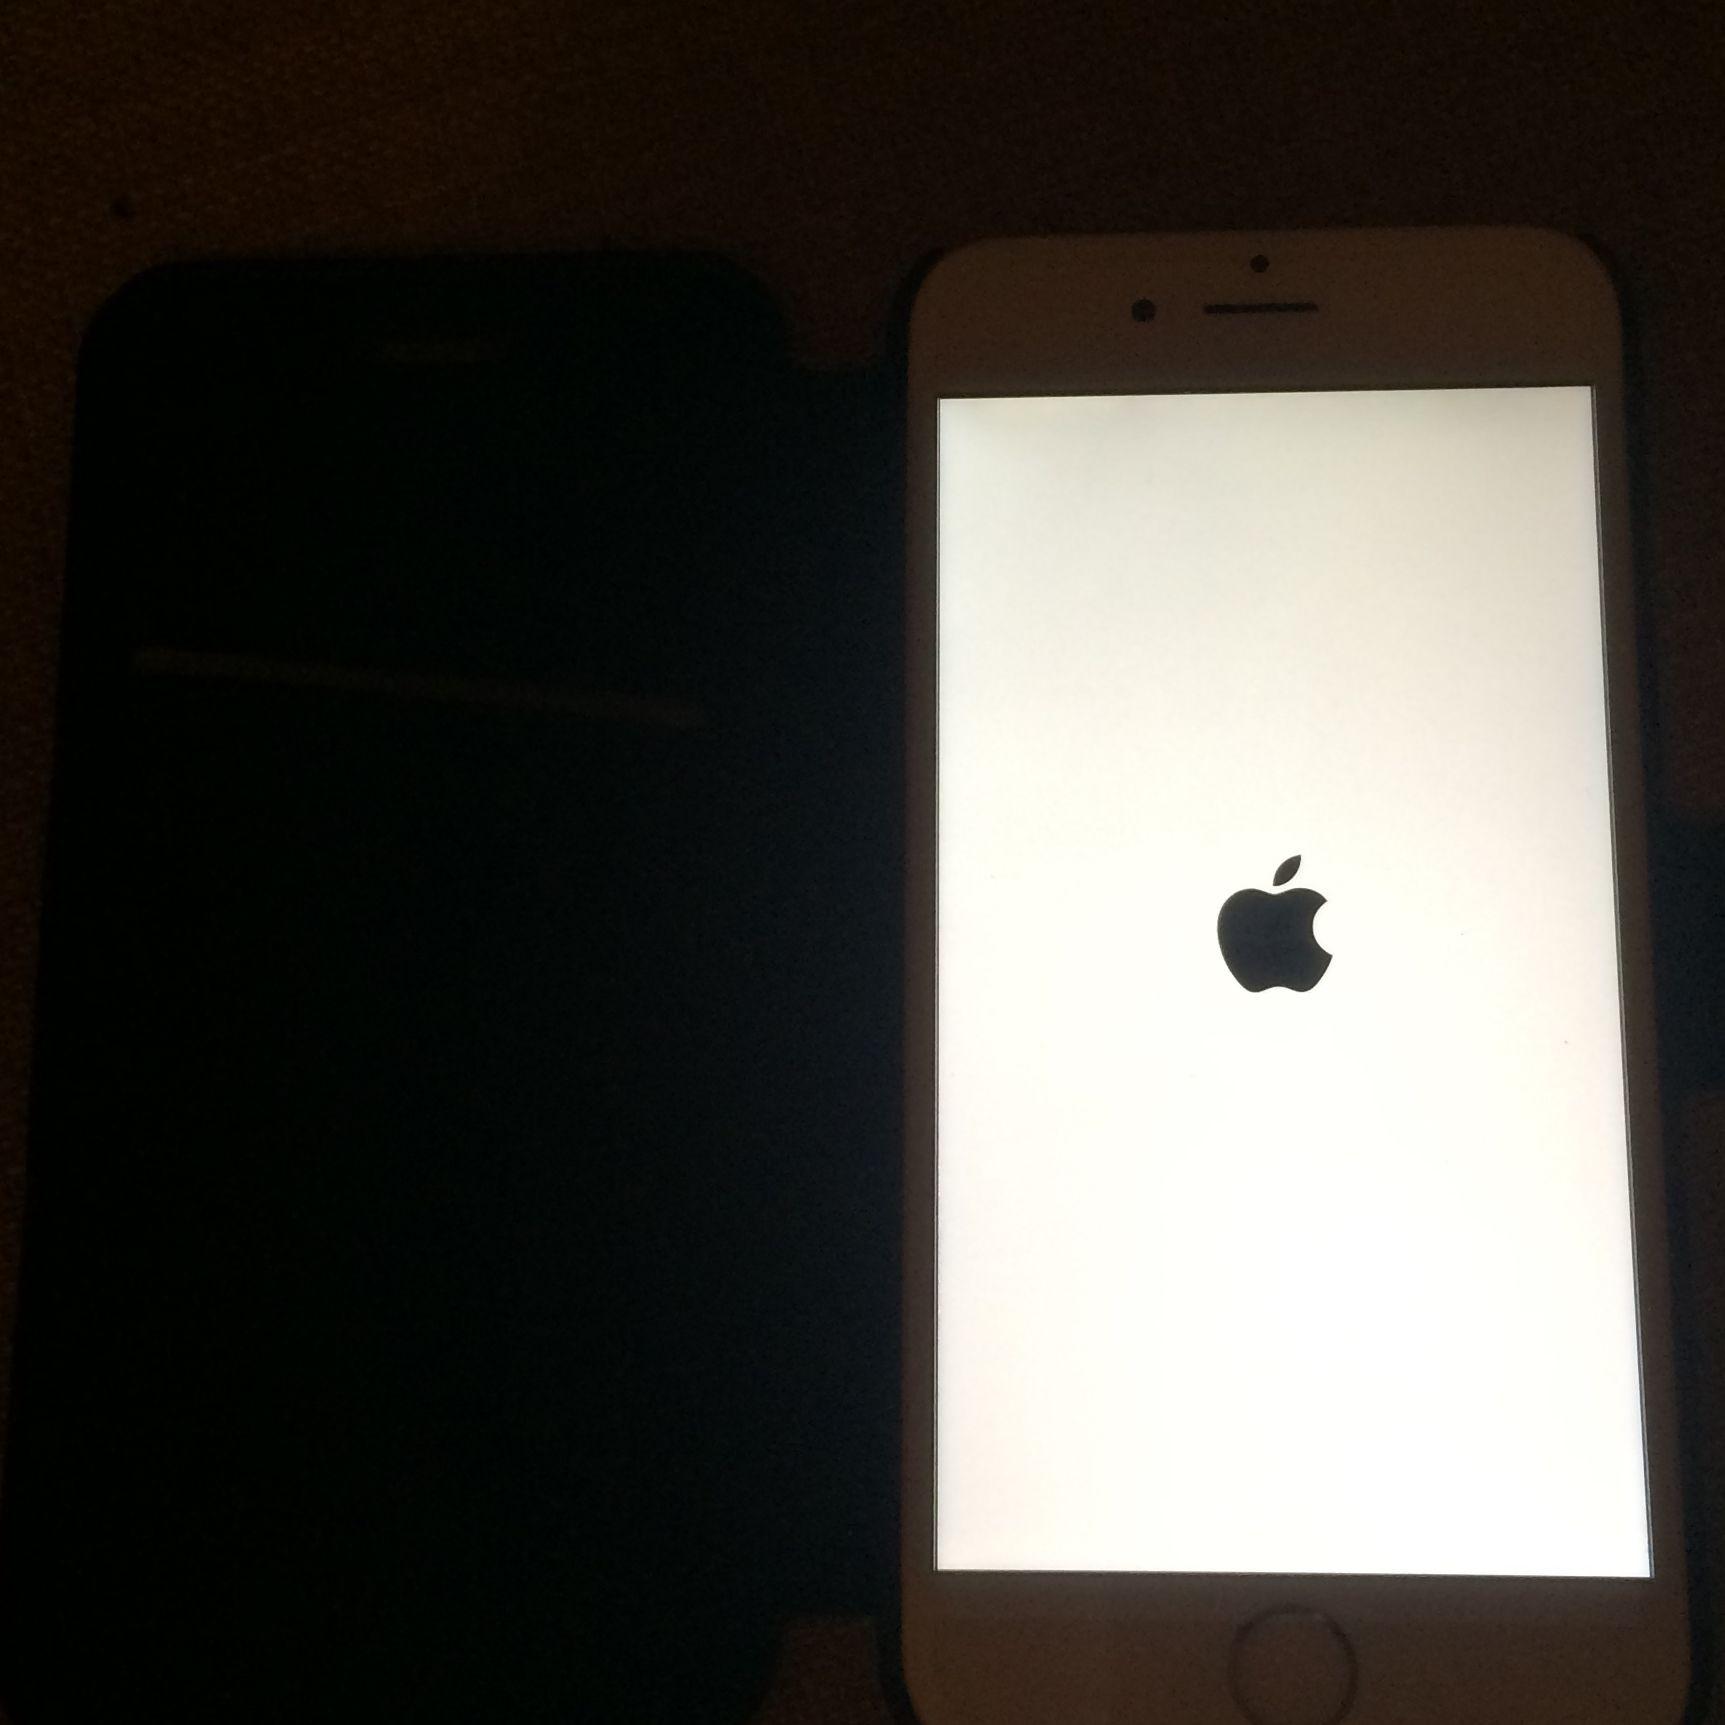 apple iphone 5 fährt nicht mehr hoch